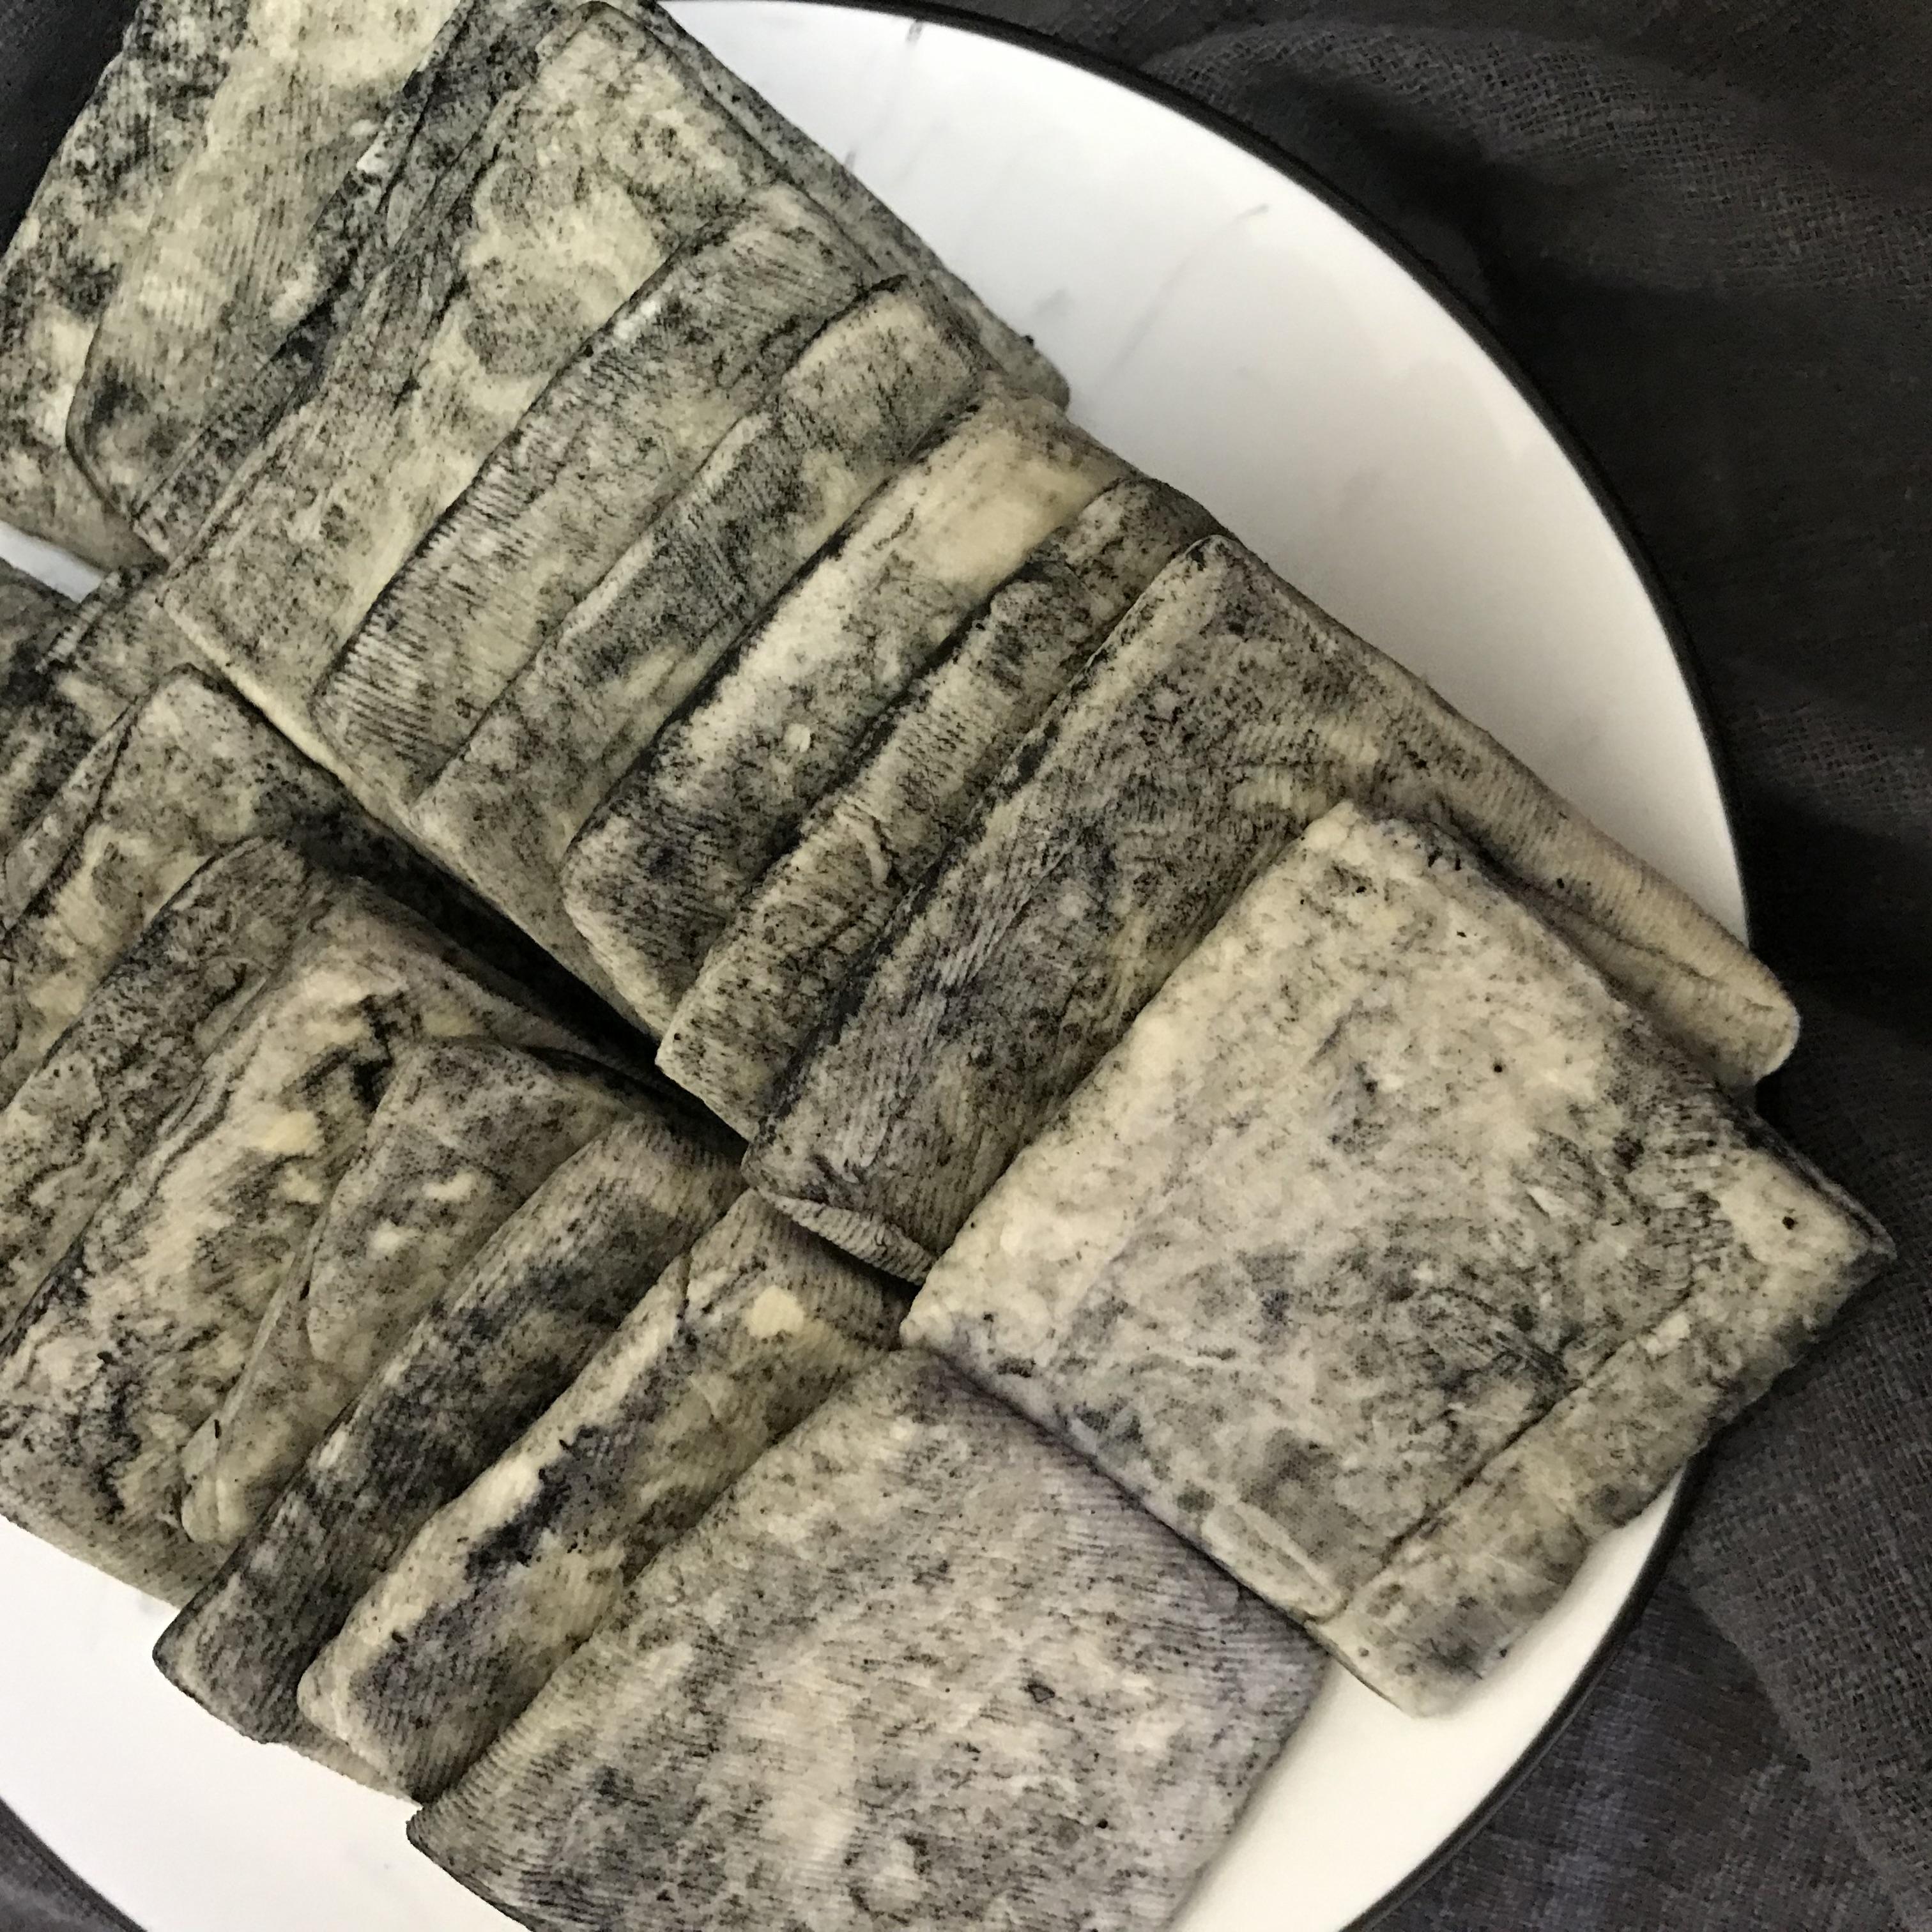 安徽黄山土特产徽州特色臭豆腐干茶干炒辣椒臭干子散装5份包邮